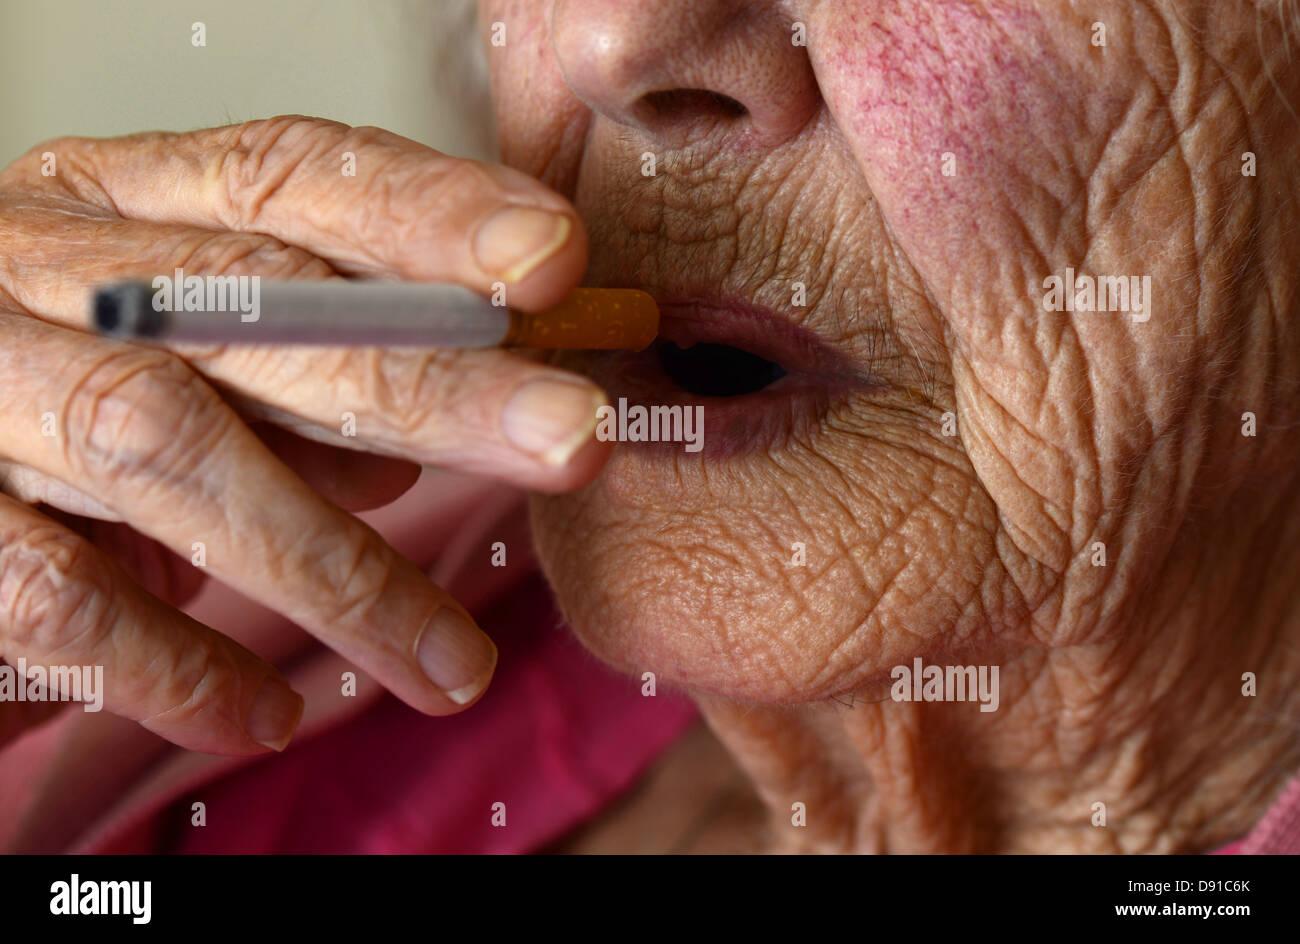 Vecchia donna fumatori, donna anziana fumatore con una sigaretta, signora anziana fumatori Immagini Stock